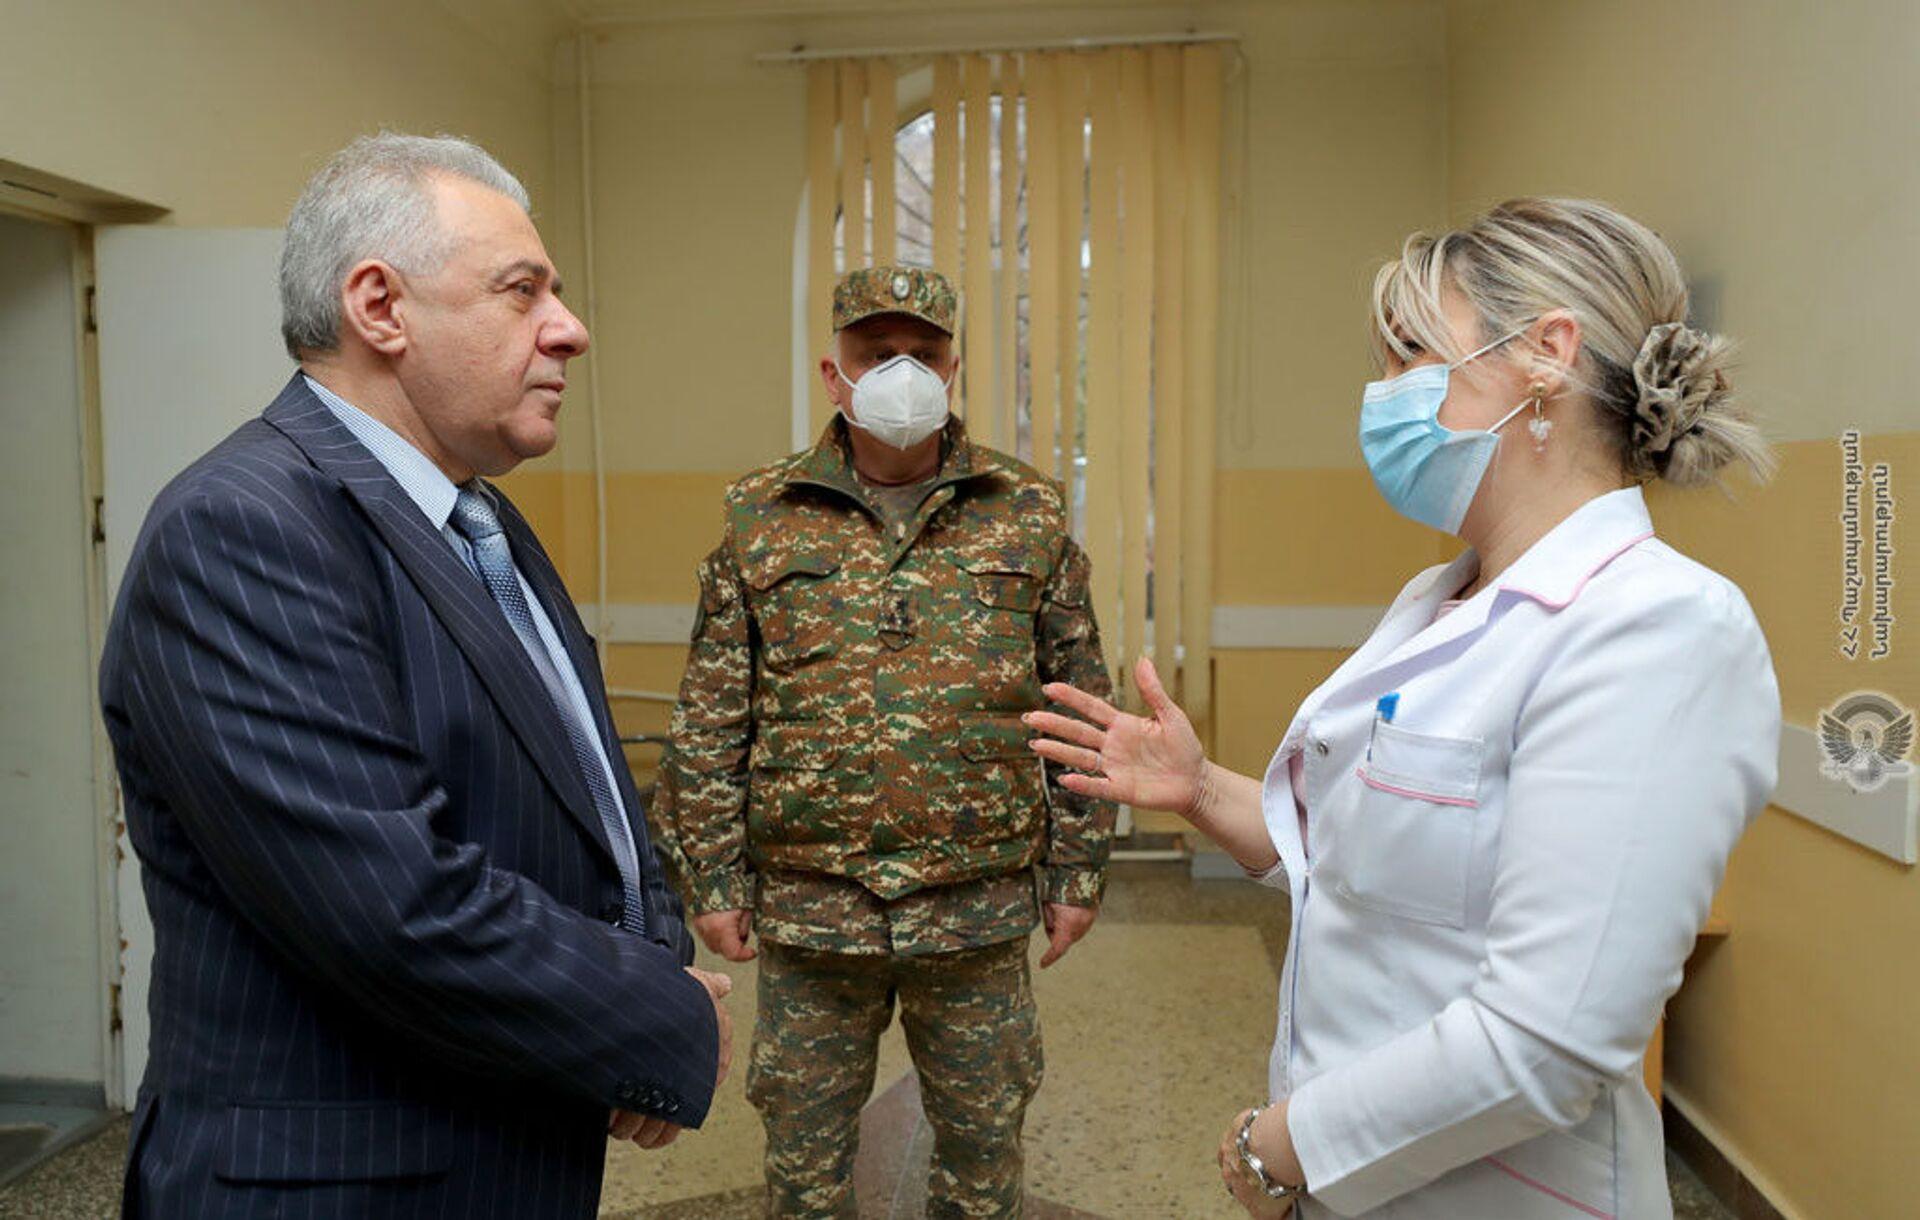 Вагаршак Арутюнян побывал в военном госпитале и встретился с ранеными в Карабахе солдатами - Sputnik Армения, 1920, 19.03.2021